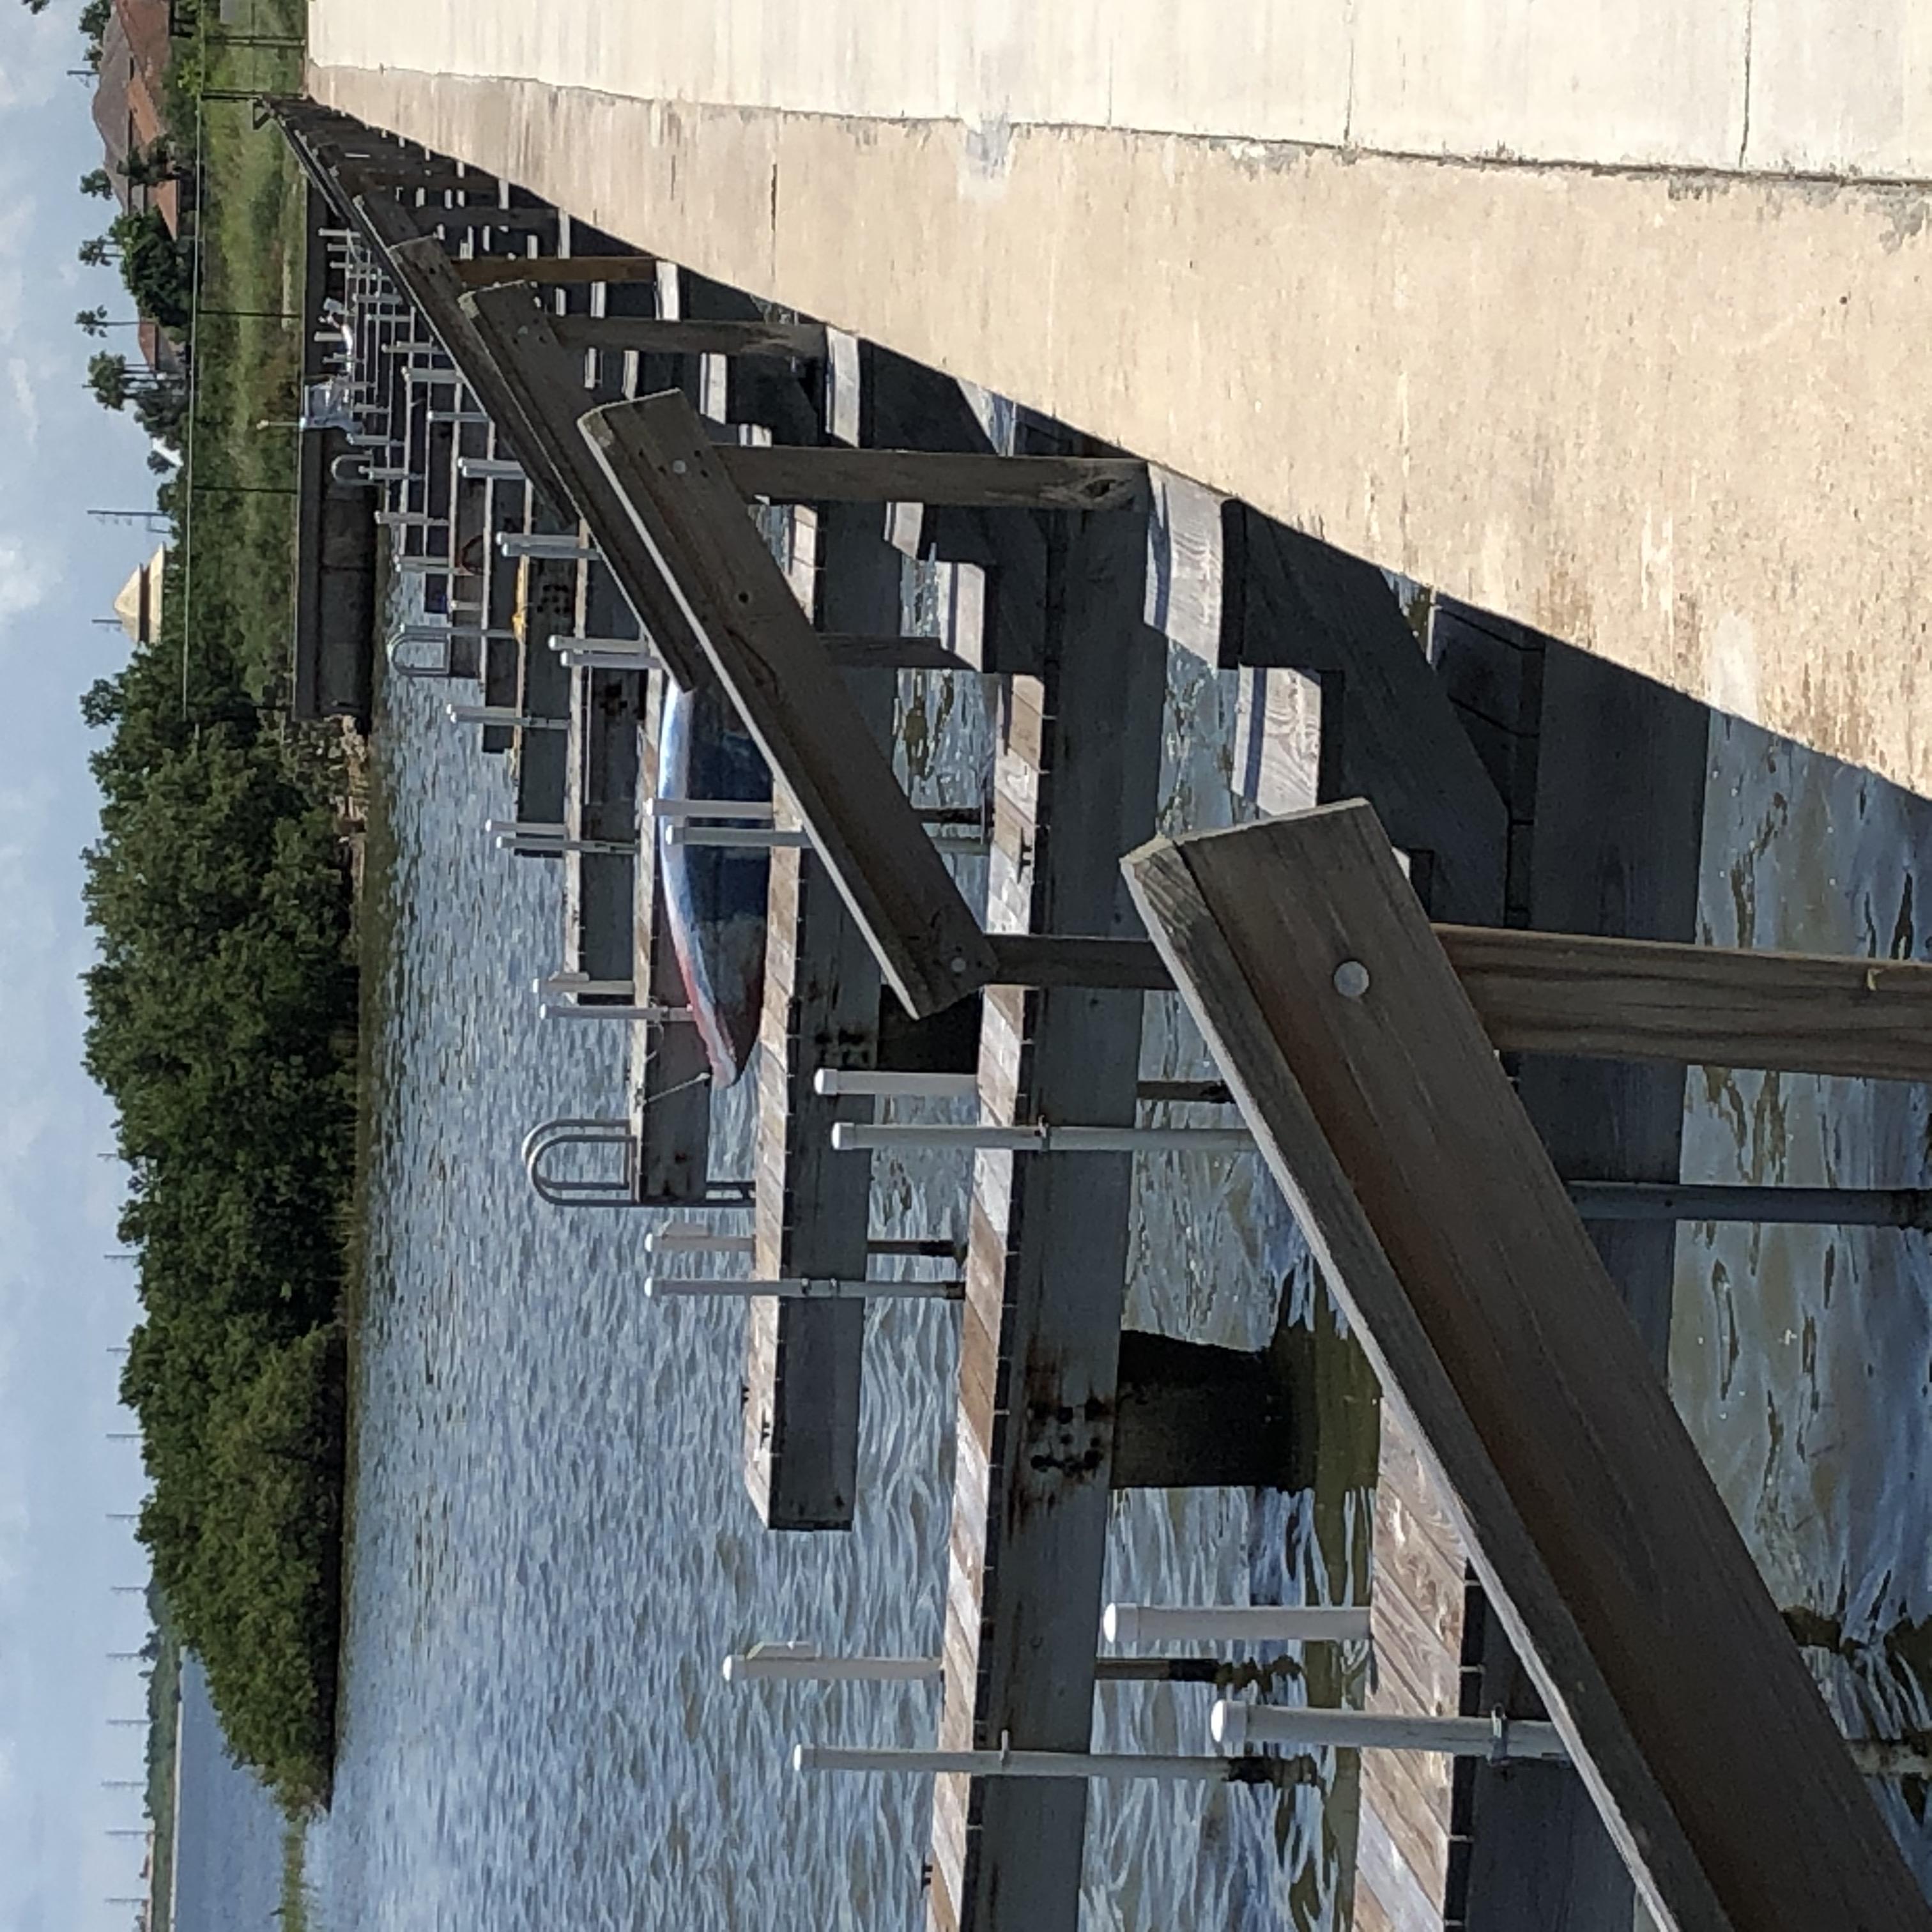 docks slips